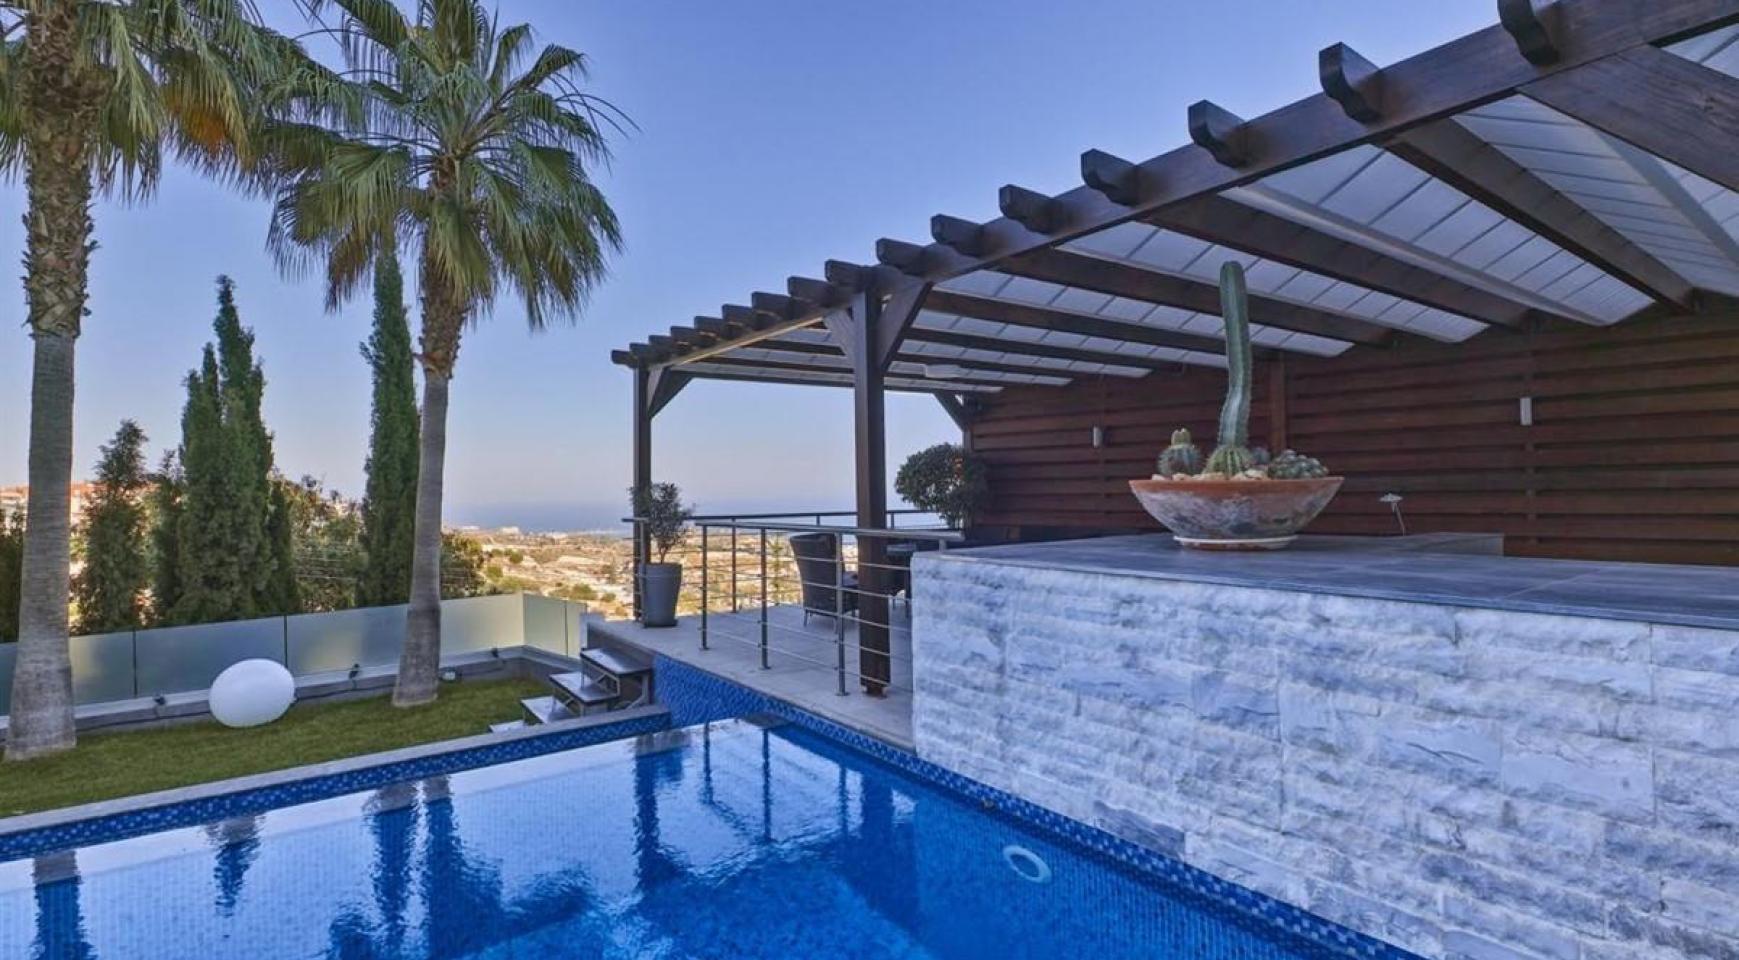 Элитная 5-Спальная Вилла с Изумительными Видами на Море и Горы в Районе Agios Tychonas - 3